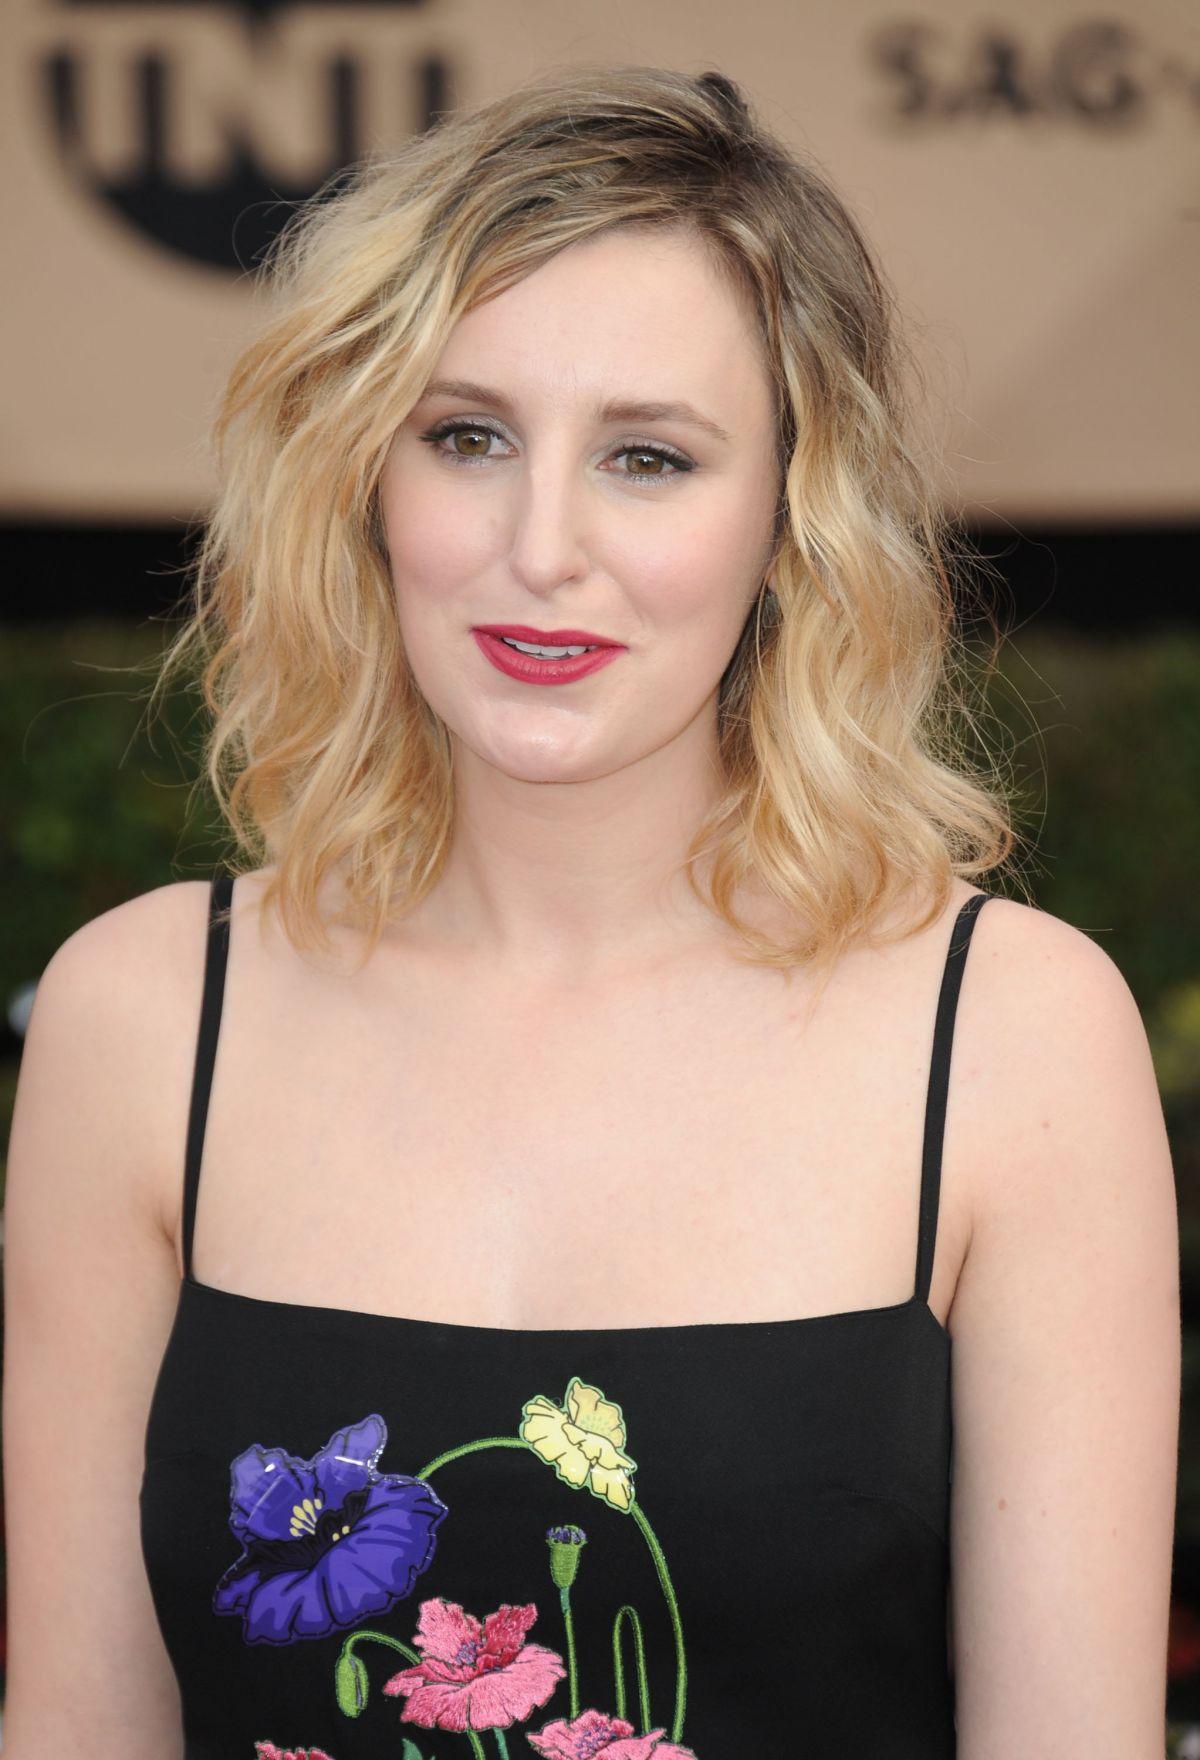 Picture of Laura Vandervoort